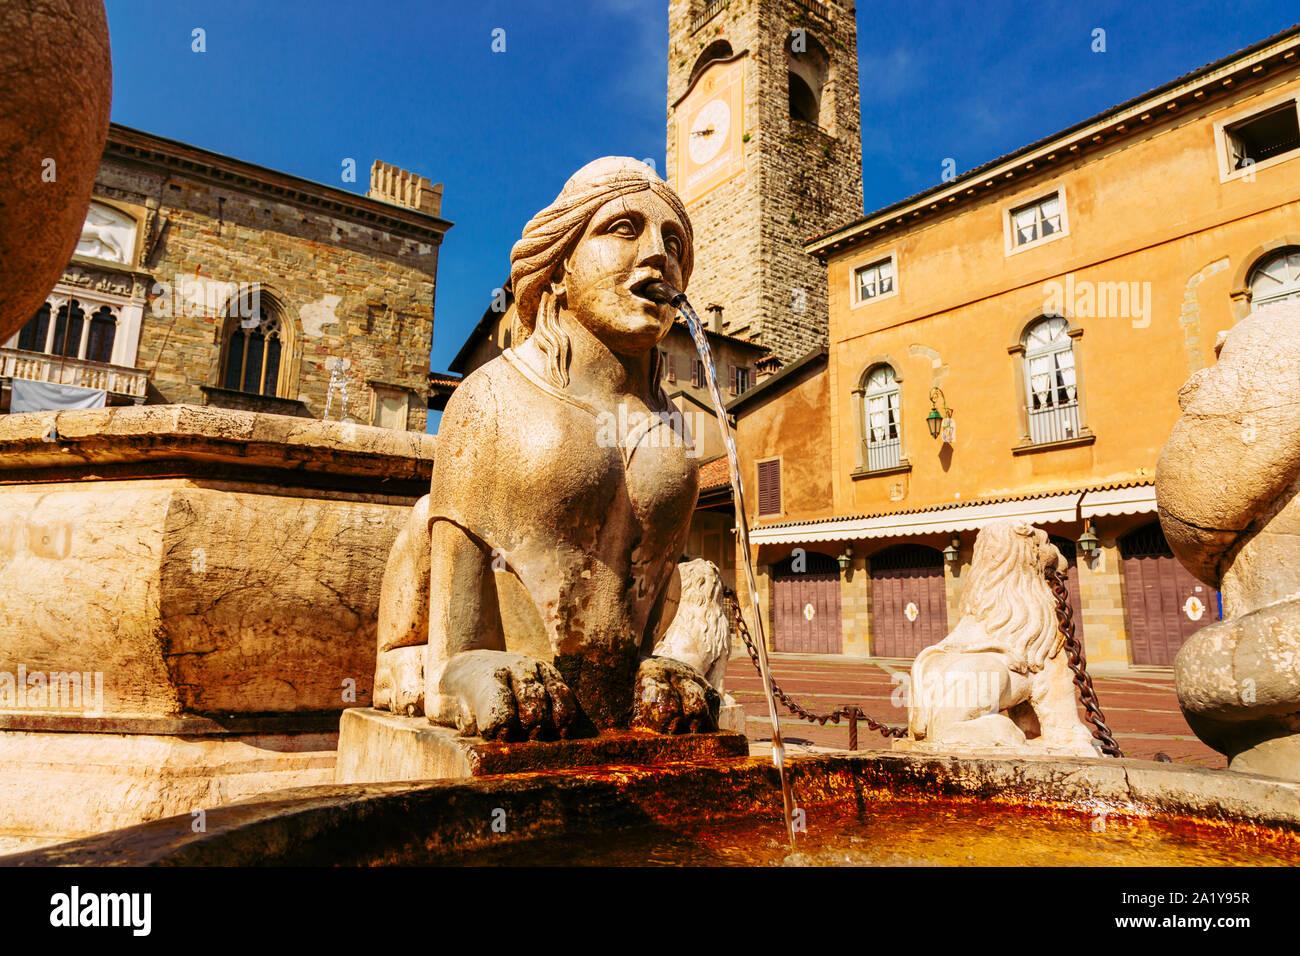 Contarini fountain on Piazza Vecchia, Citta Alta, Bergamo city, Italy Stock Photo